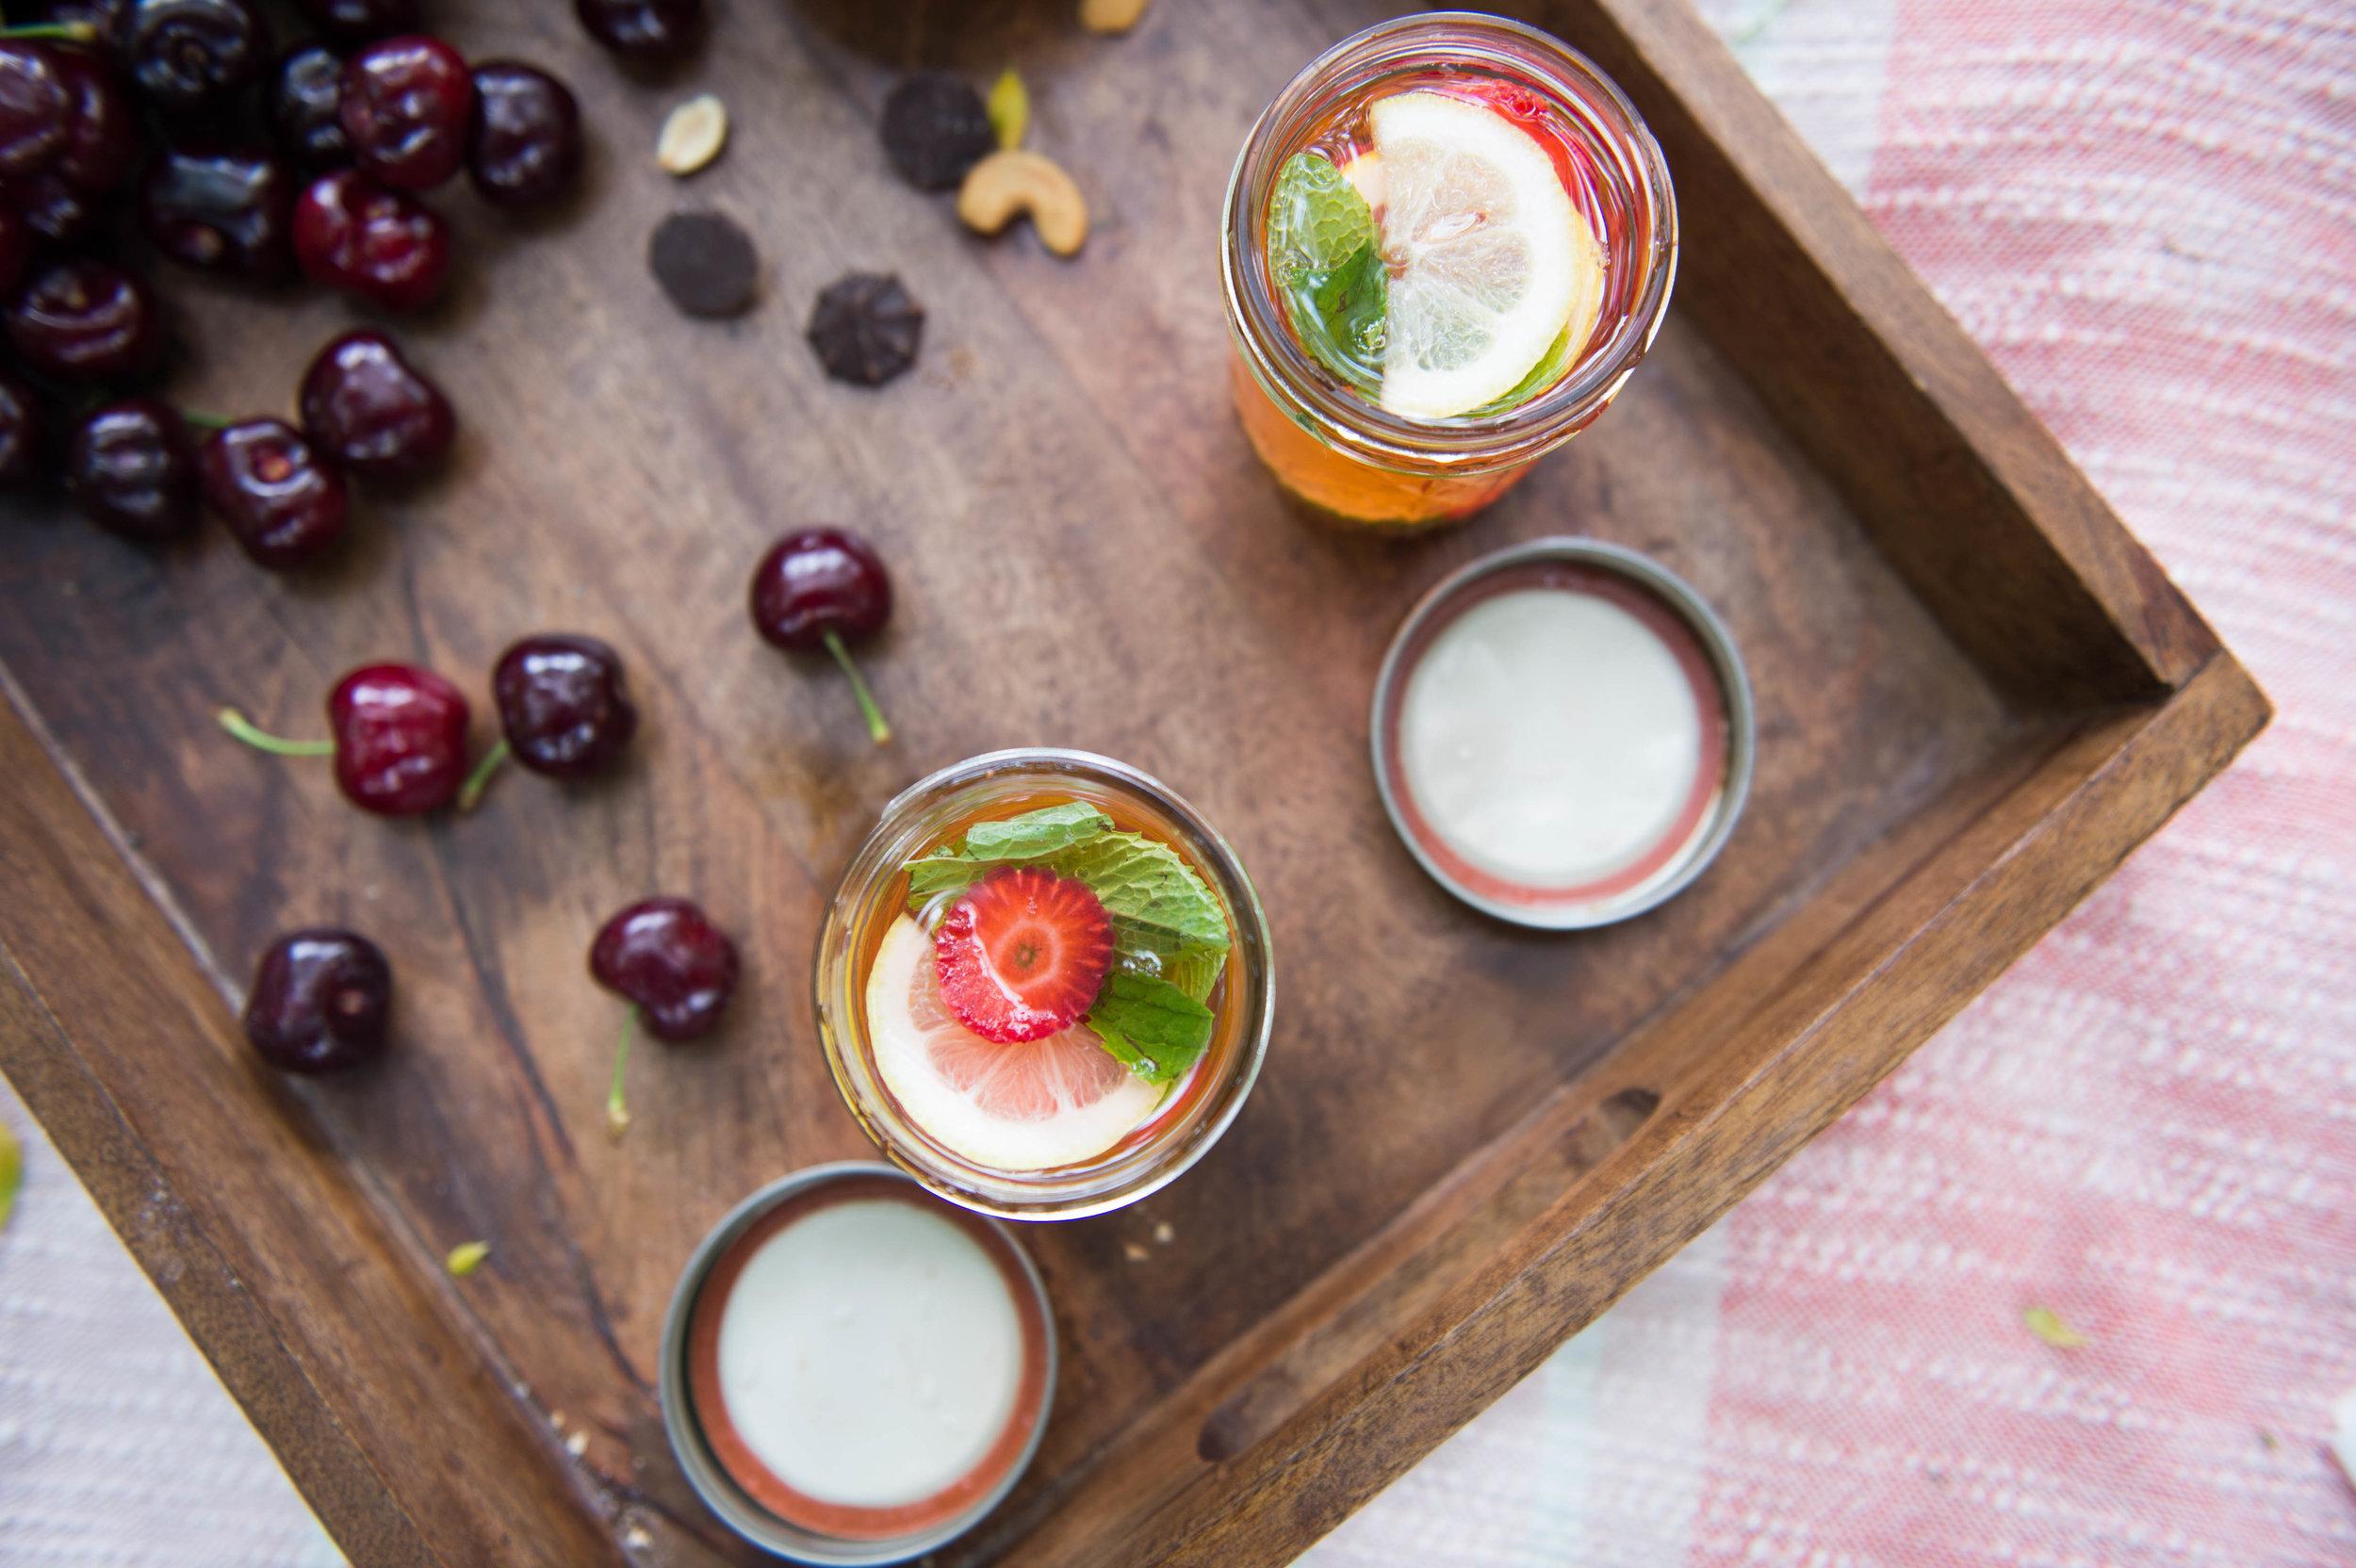 Drinks in a jar